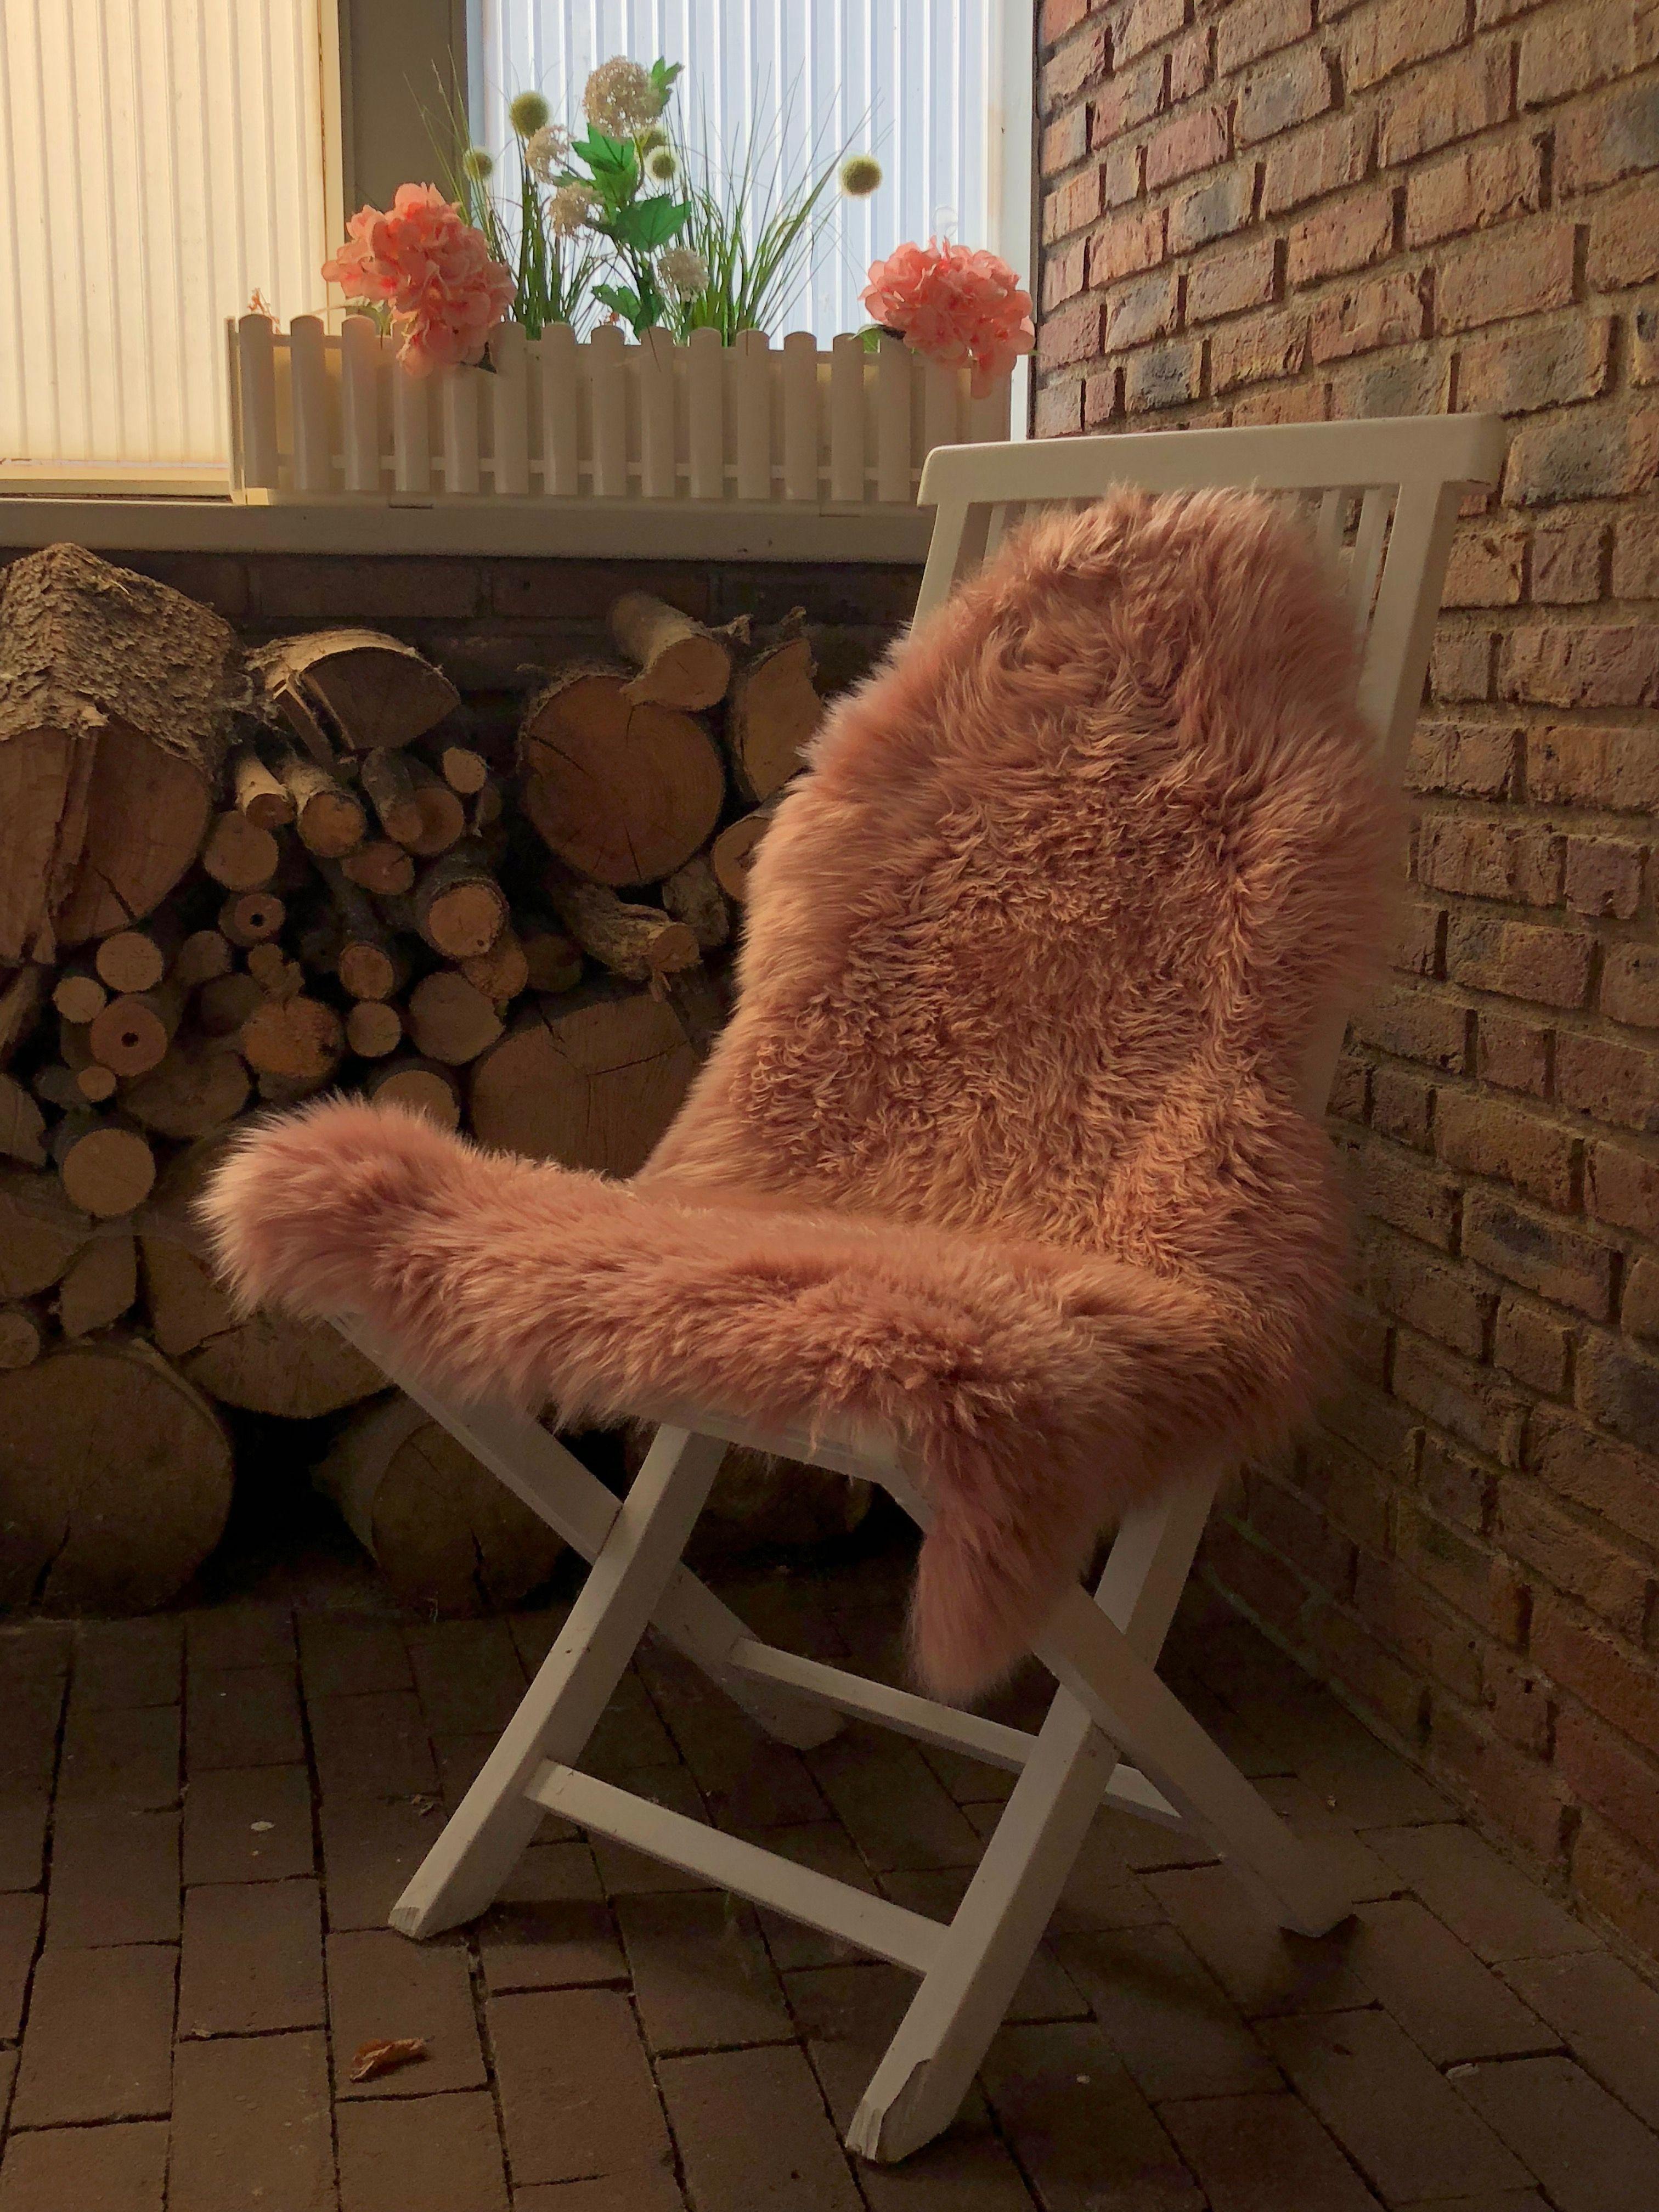 Dieses Grosses Sitzfell In Altrosa Verwandelt Ihre Terrasse Zu Jeder Jahreszeit In Eine Gemutliche Komfortzone Mit Bildern Sitzen Sitzkissen Lammfell